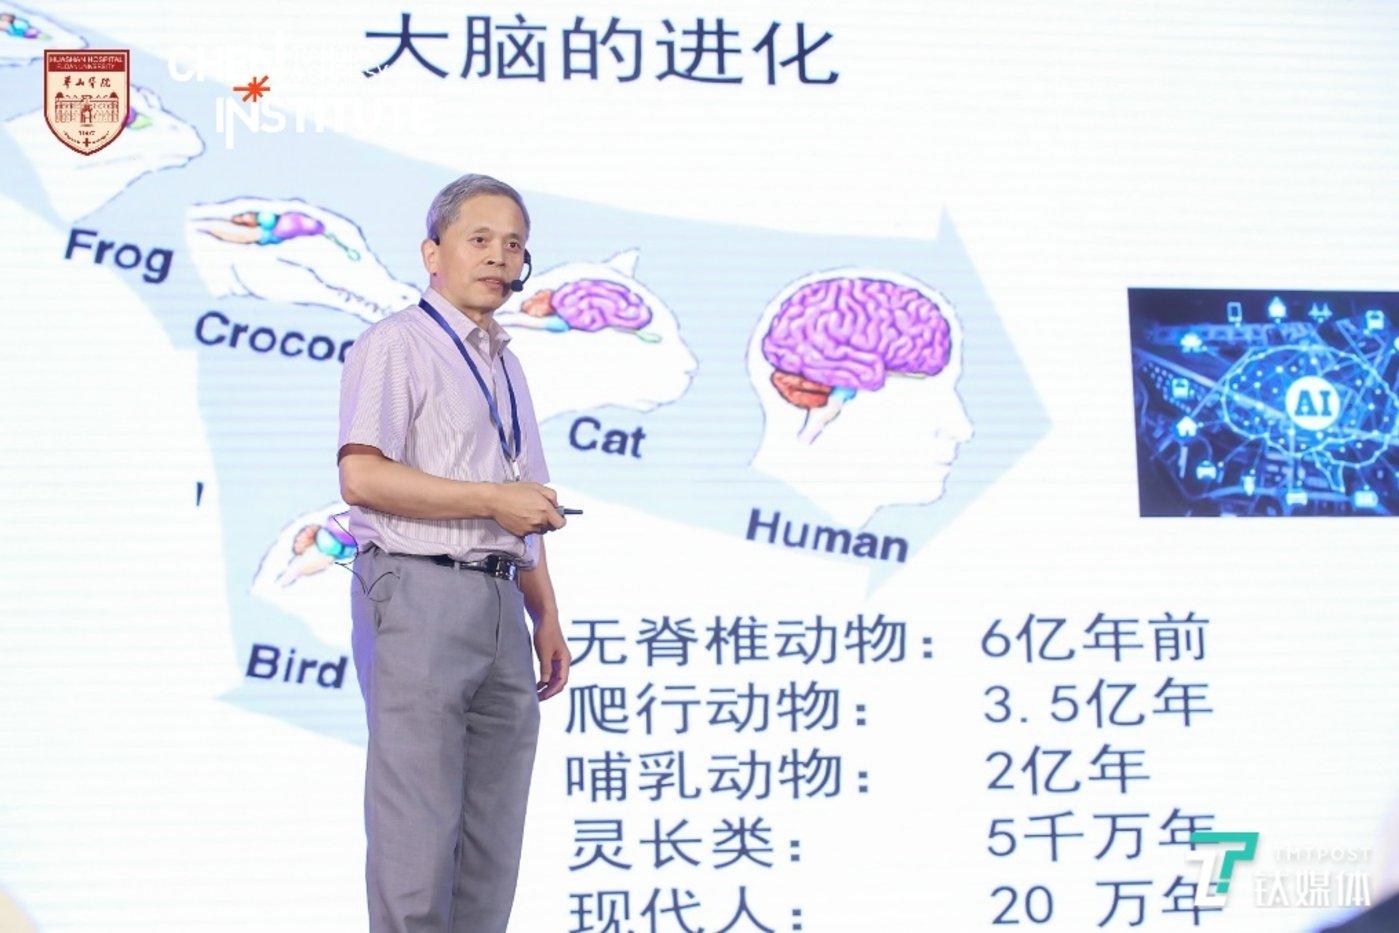 中国科学院院士、复旦大学脑科学转化研究院院长段树民院士